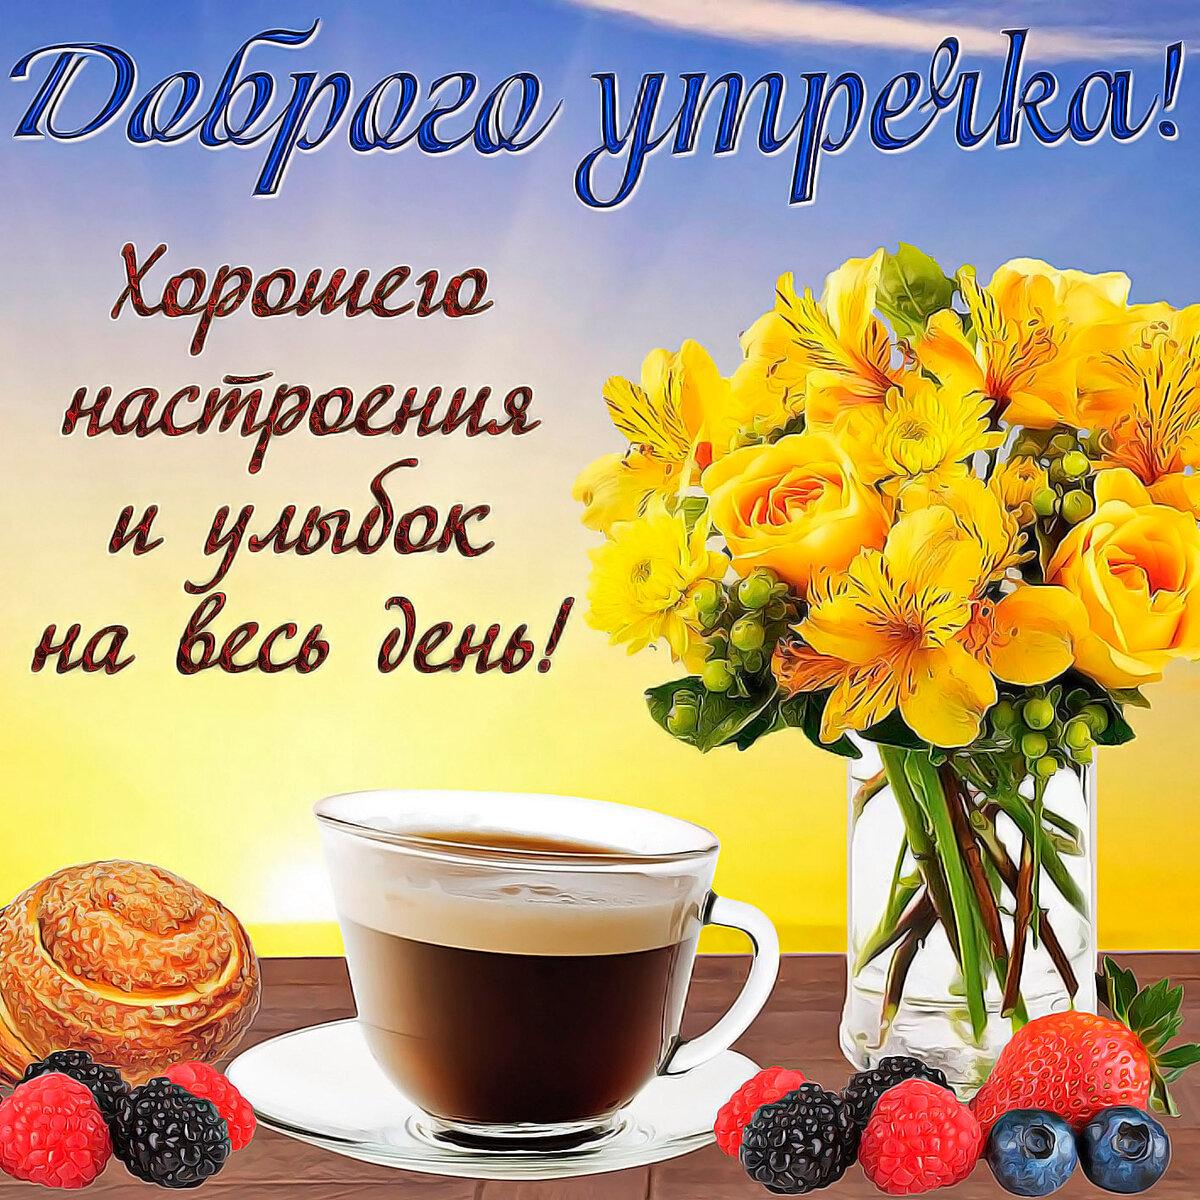 боруссия открытки жоброе утро эта разноцветная